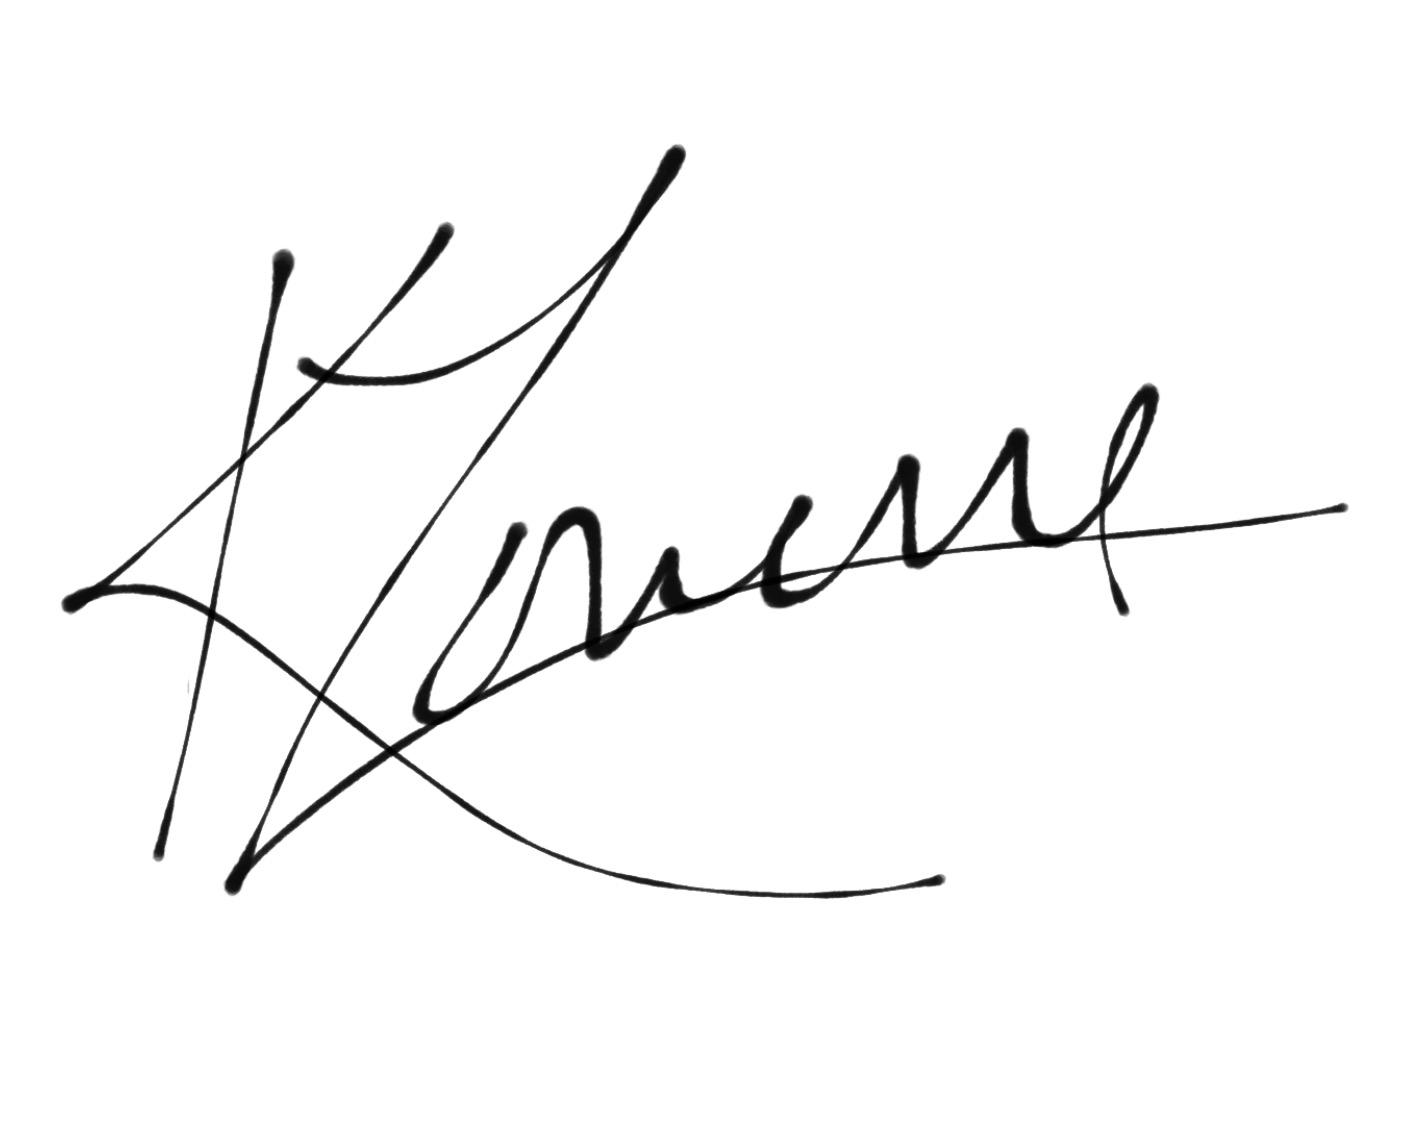 Kathleen Lowerre-poskitt Signature